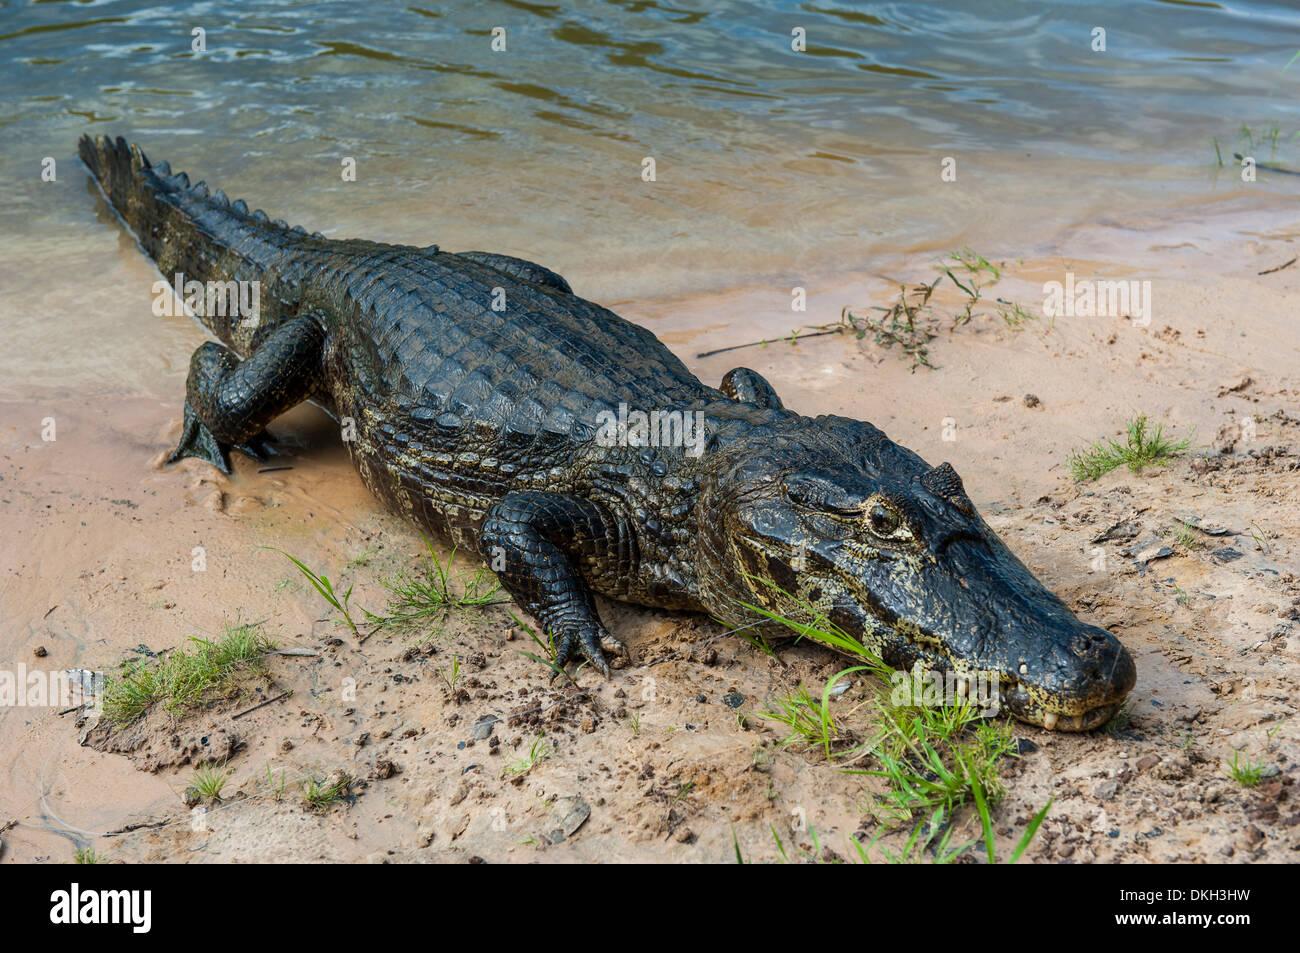 Alligator (Yacare caiman), Pantanal Conservation Area